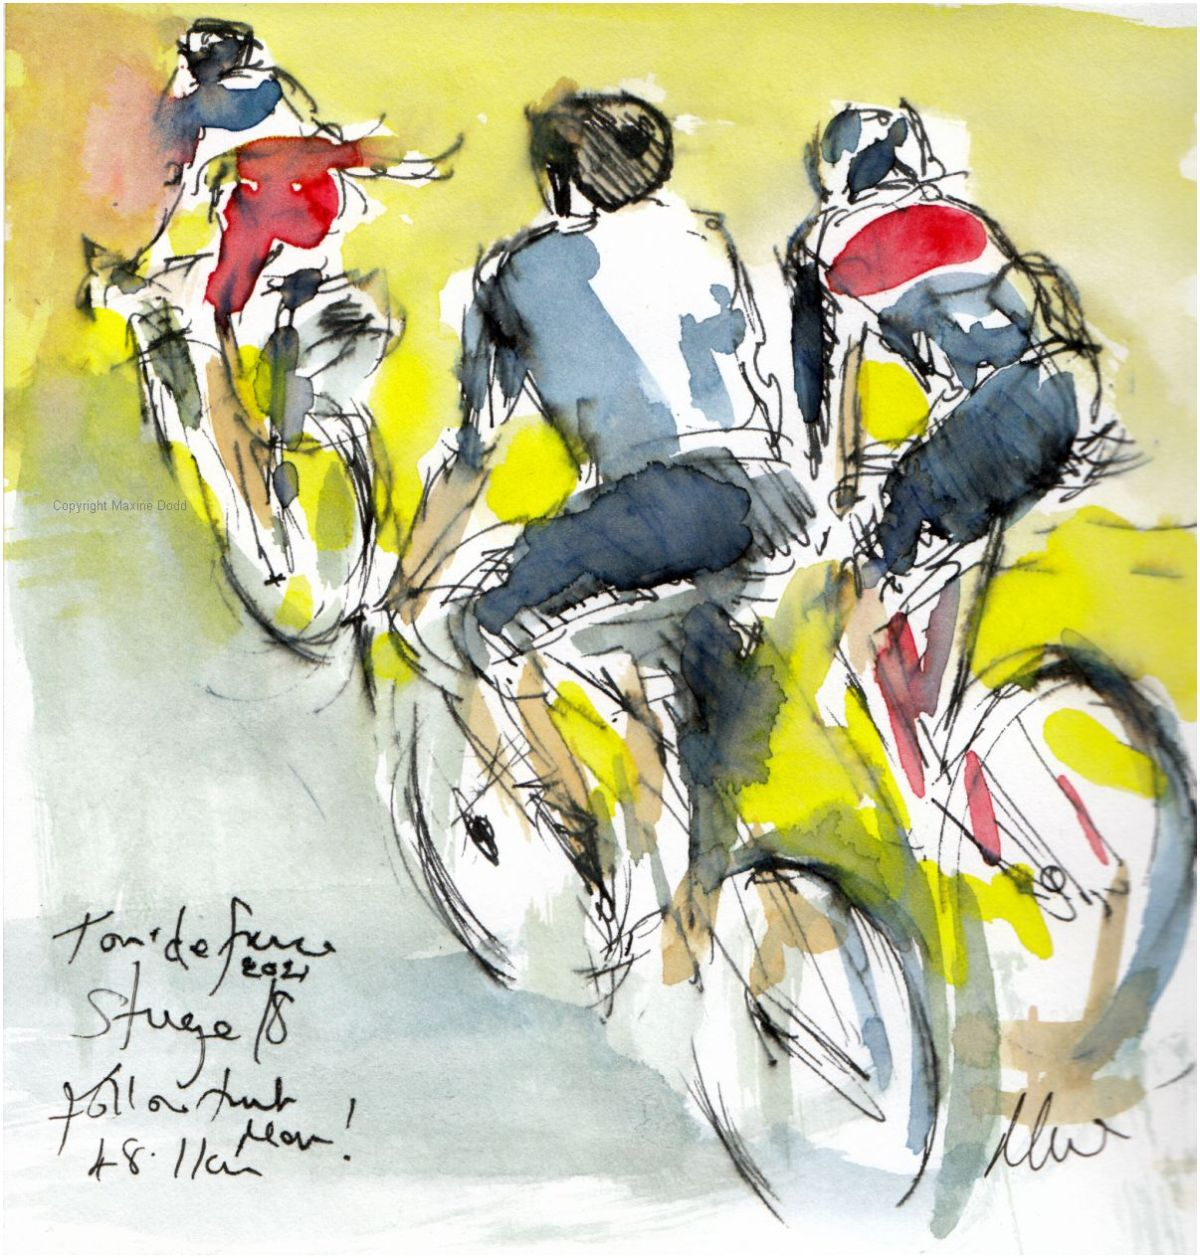 Tour de France 2021 - Stage18 - Follow that man! original watercolour painting Maxine Dodd